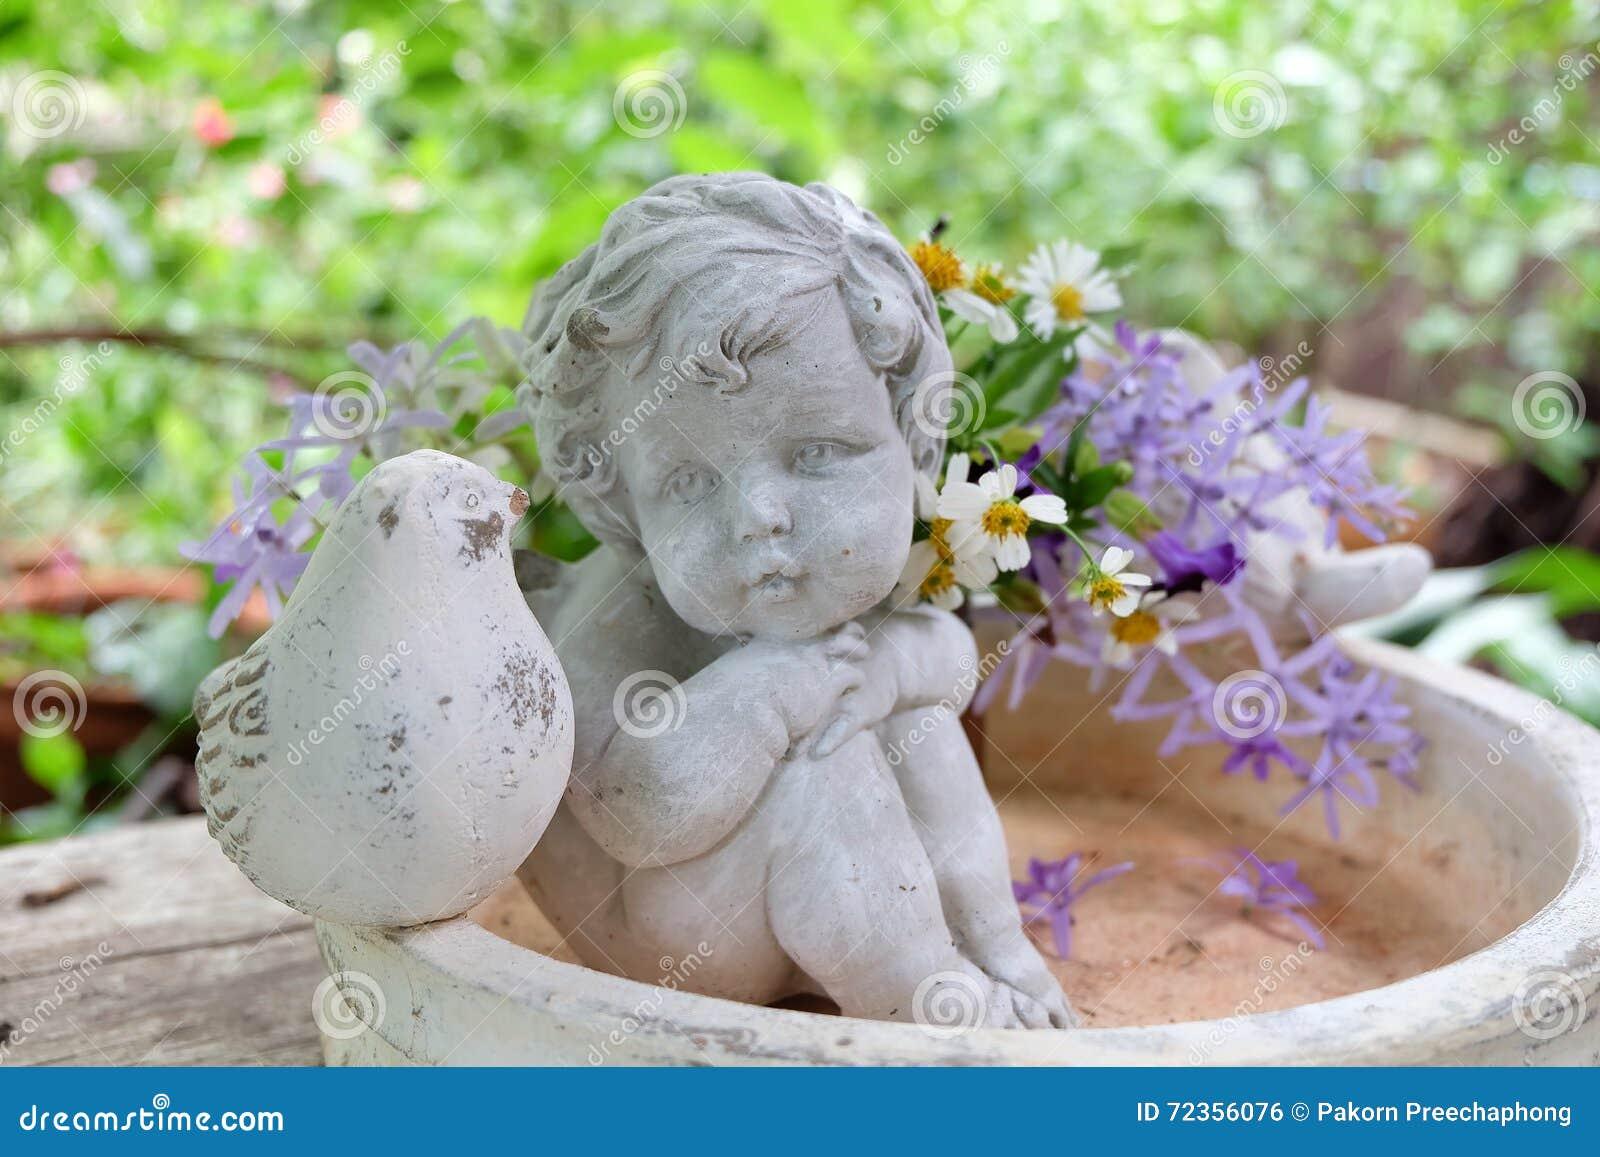 丘比特和花